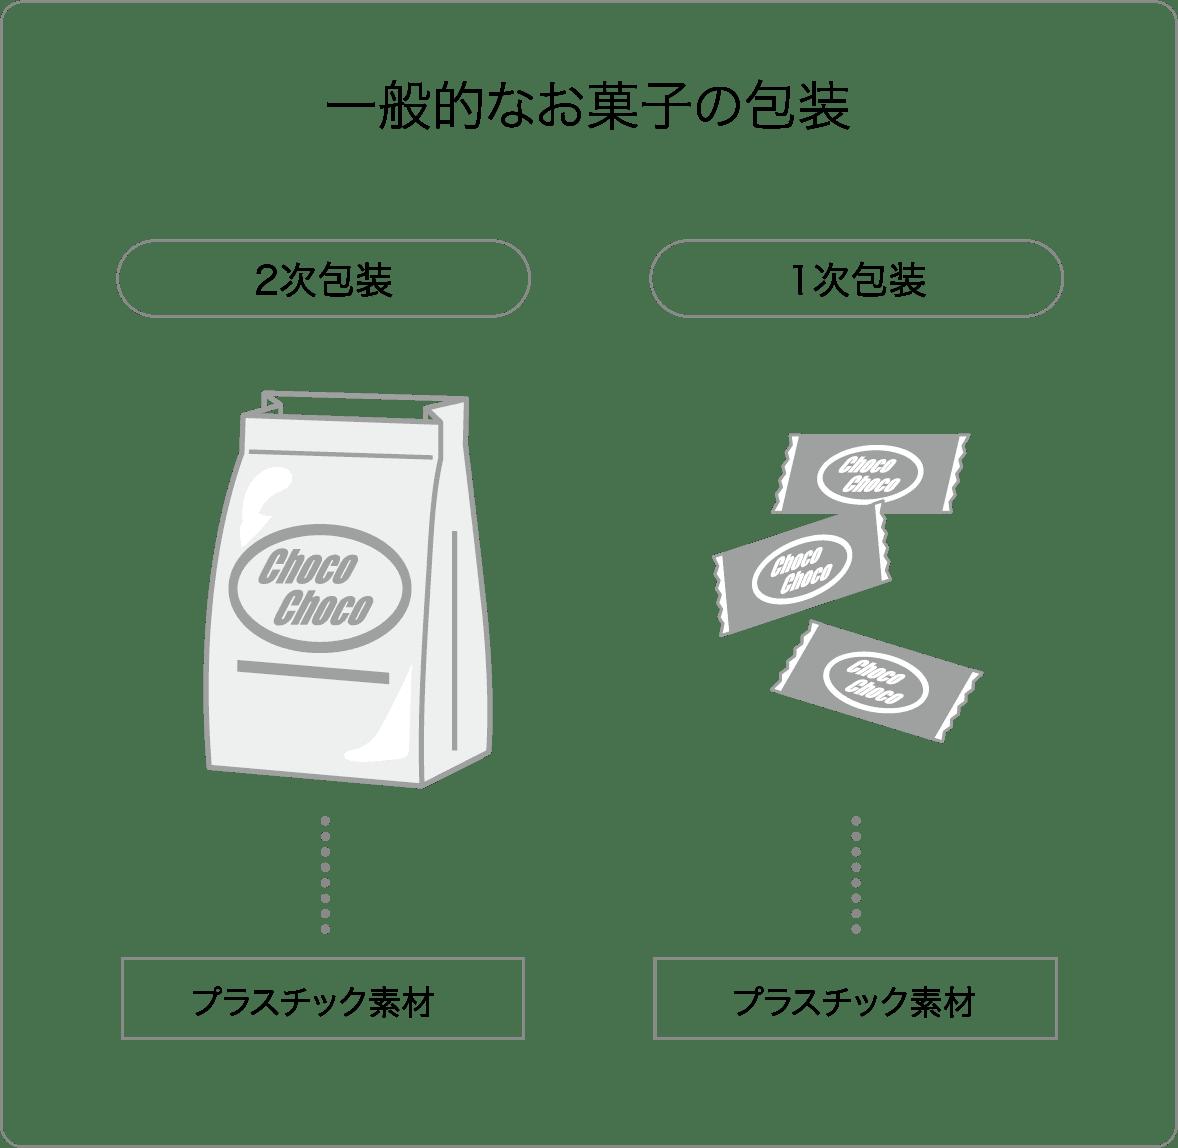 一般的なお菓子の包装 2次包装 ポリエチレン 1次包装(直接包材) 従来の石油系包装